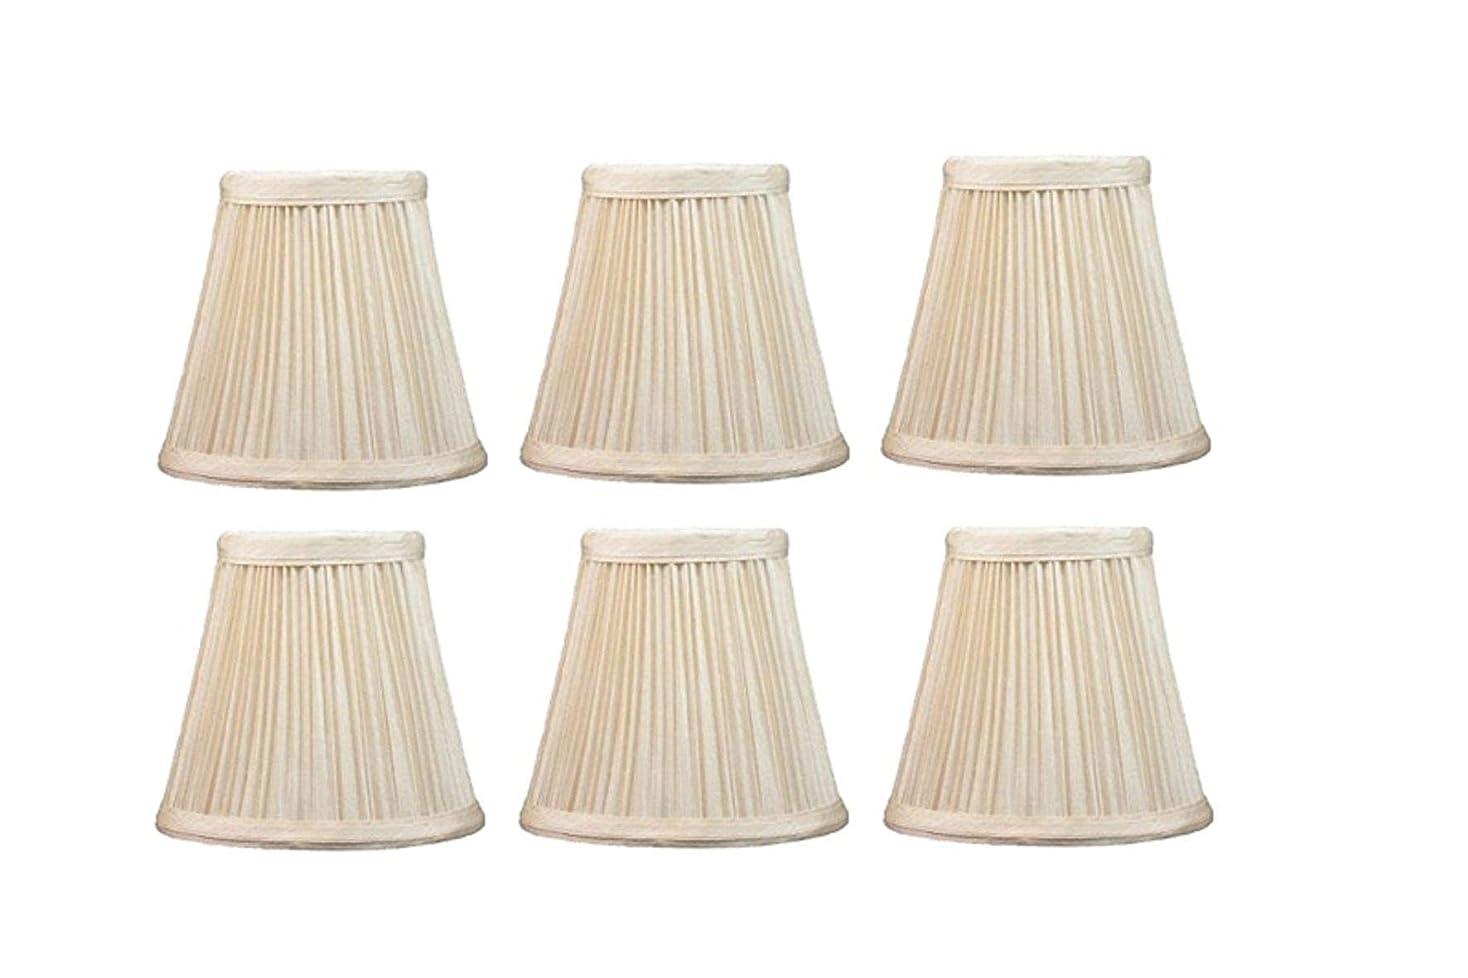 上昇子供達すみませんUpgradelights 5インチ プリーツ エンパイア クリップオン シャンデリア ランプシェード クリーム色 3x5x4 (6個セット)